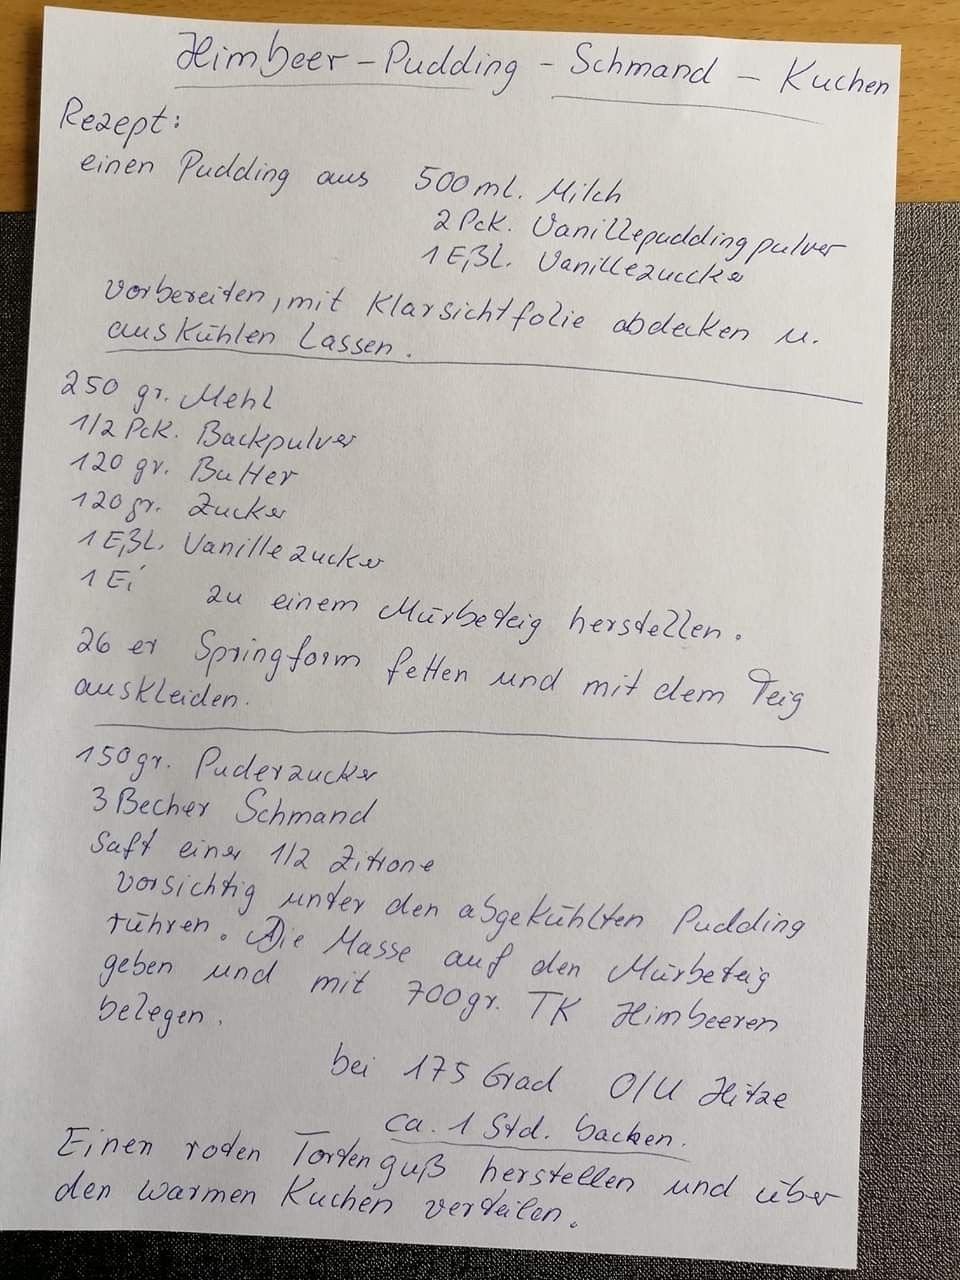 Himbeer-Puddingschmandkuchen - Hynes&Becherkuchen